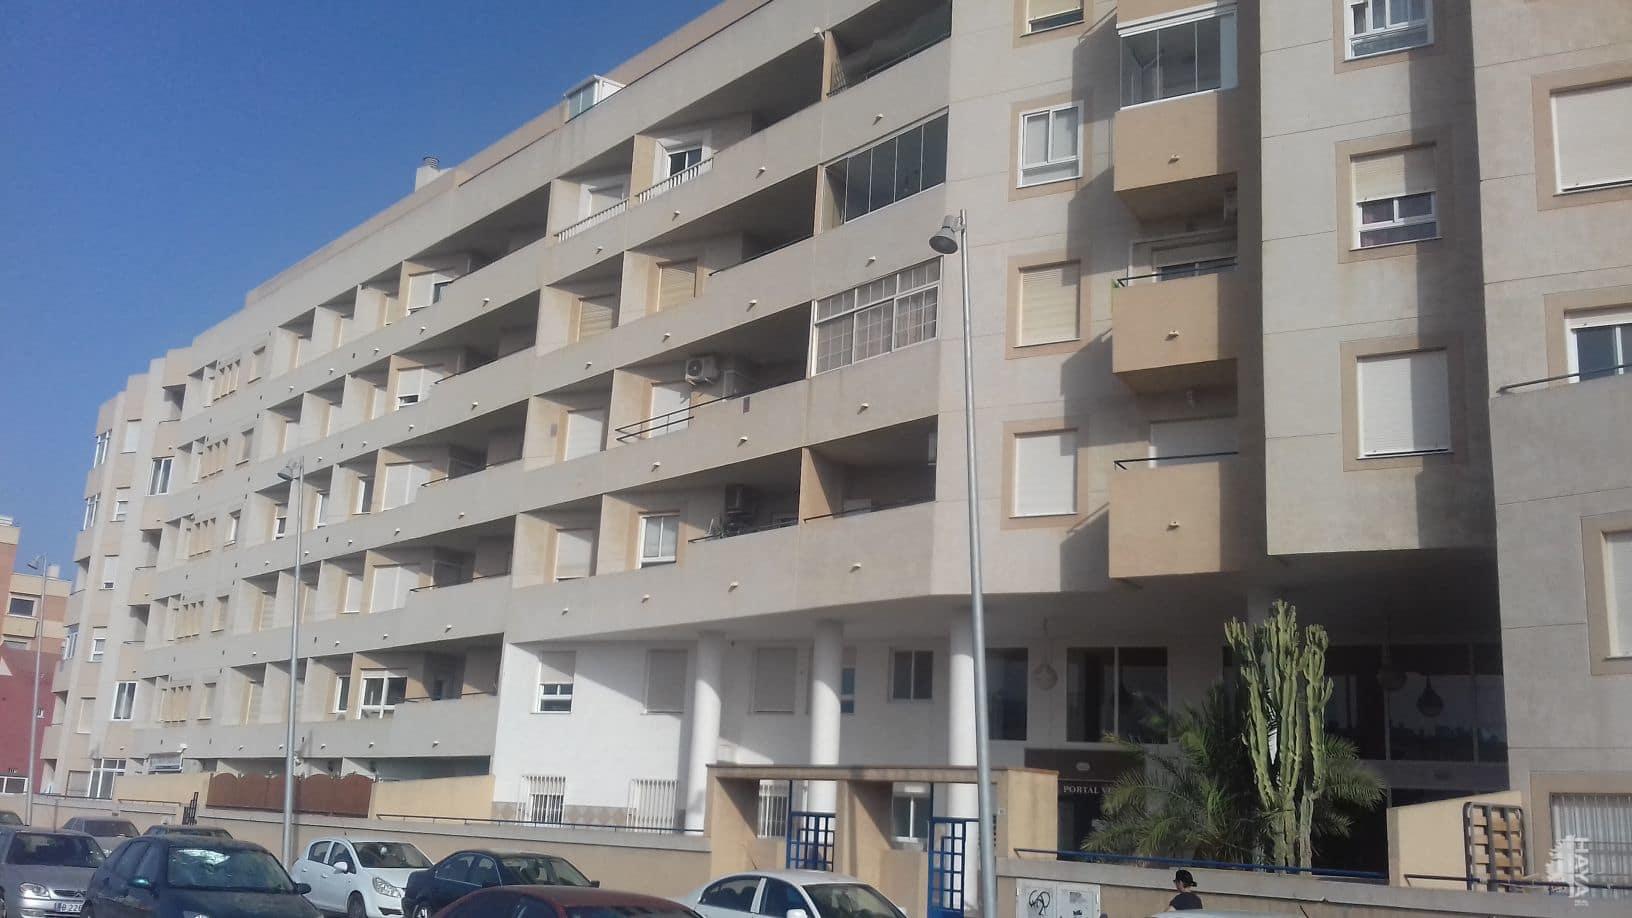 Piso en venta en Roquetas de Mar, Almería, Calle Jose Maria Cagigal, 82.200 €, 2 habitaciones, 1 baño, 83 m2